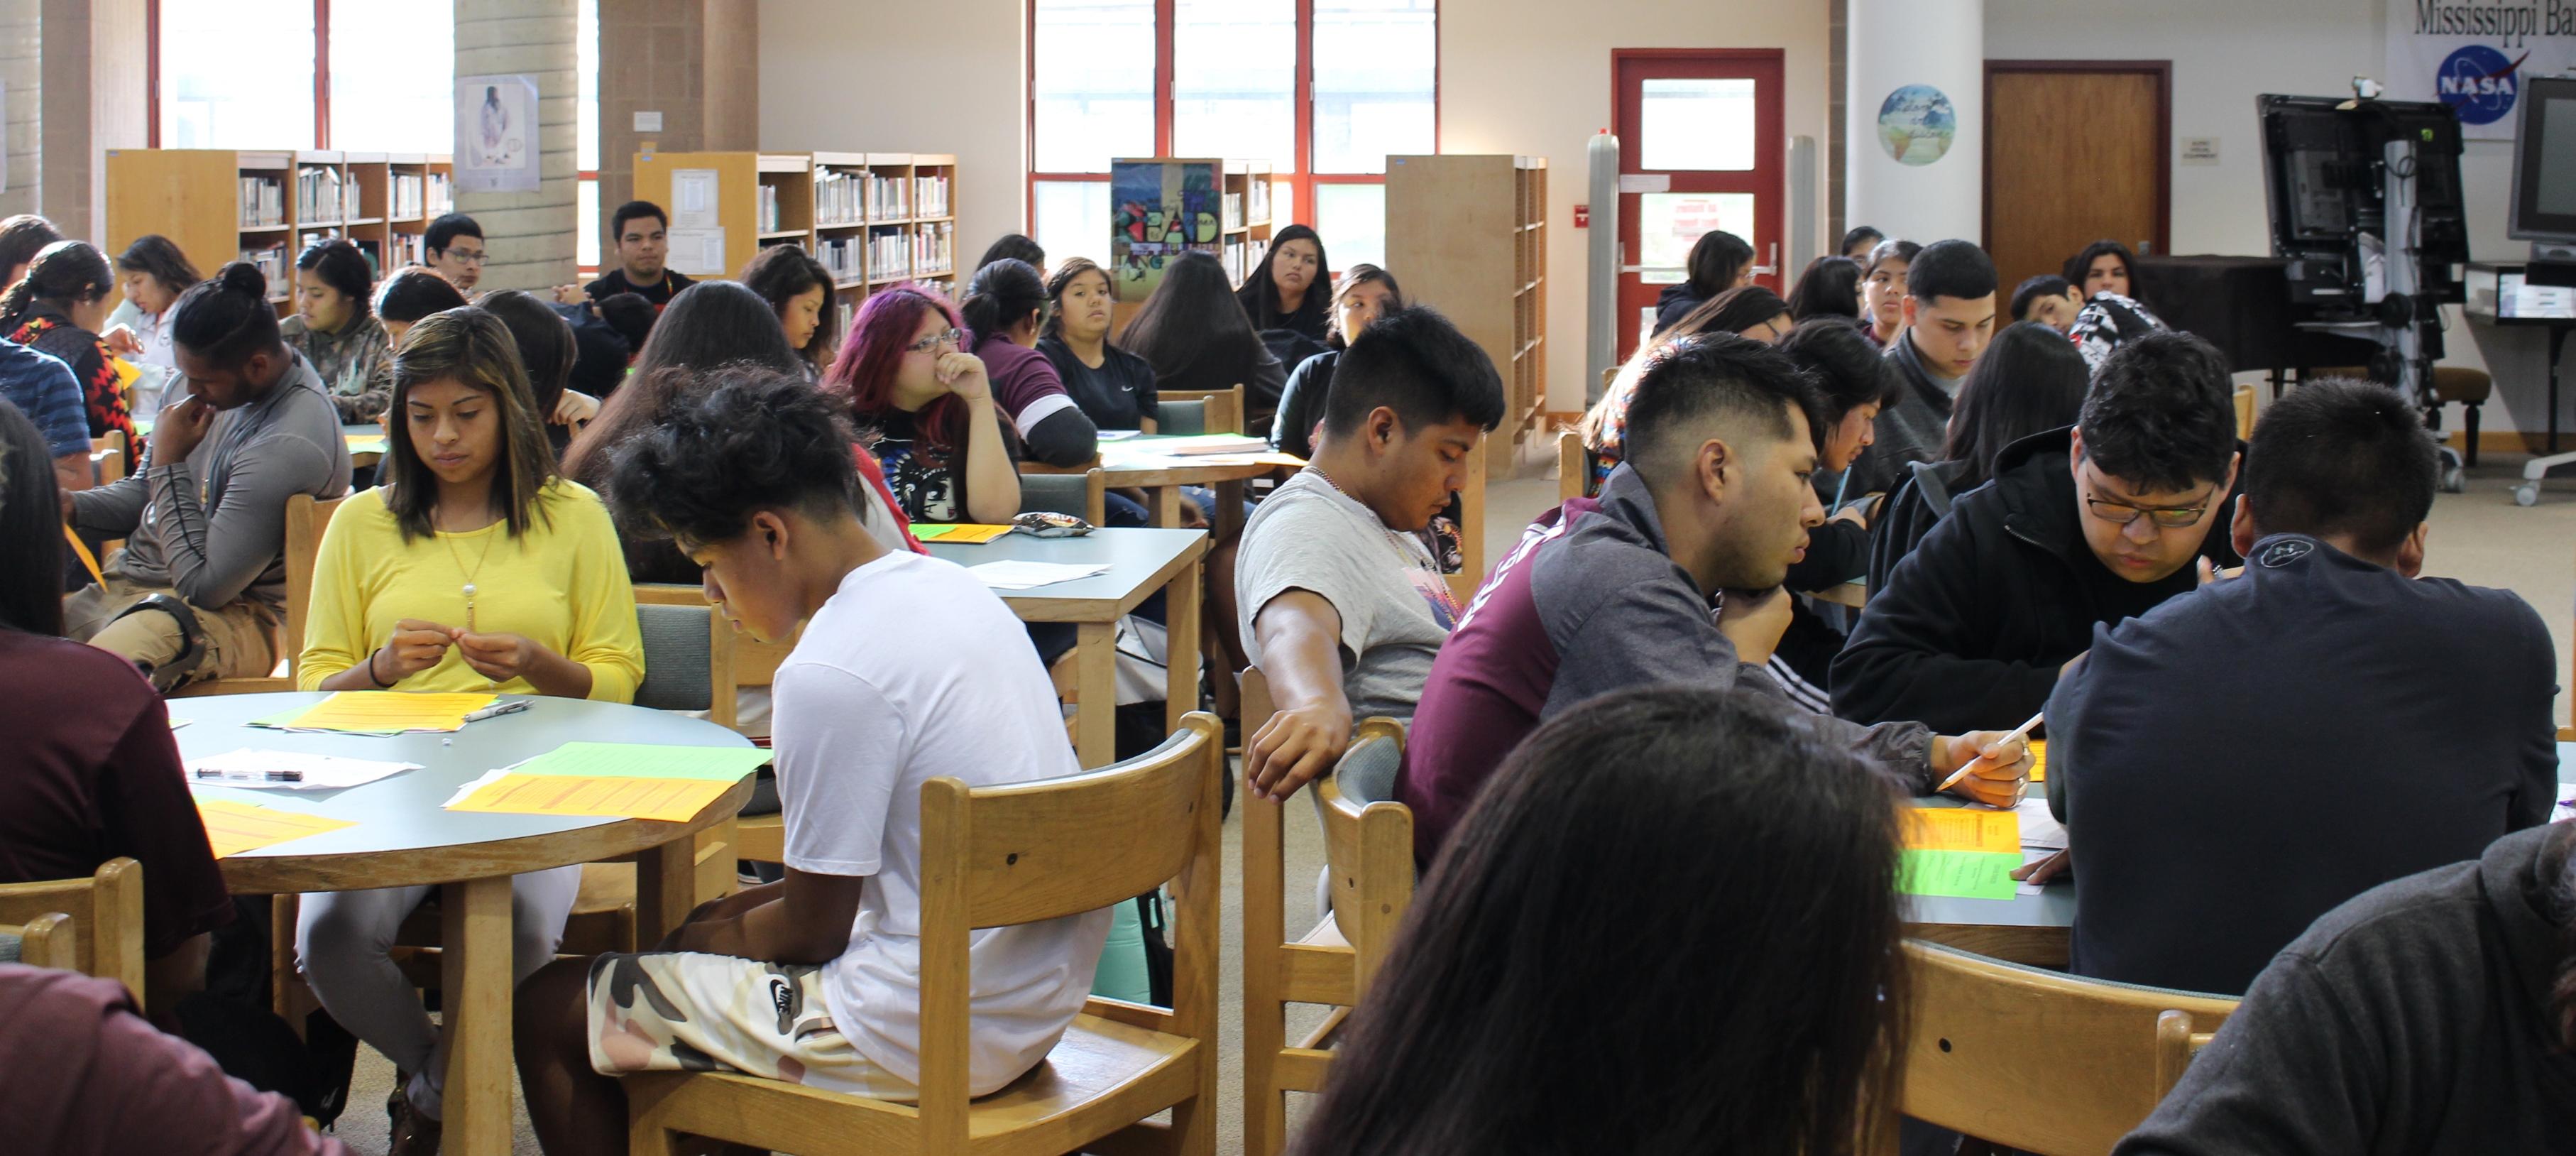 Choctaw Central High School  9b970a471